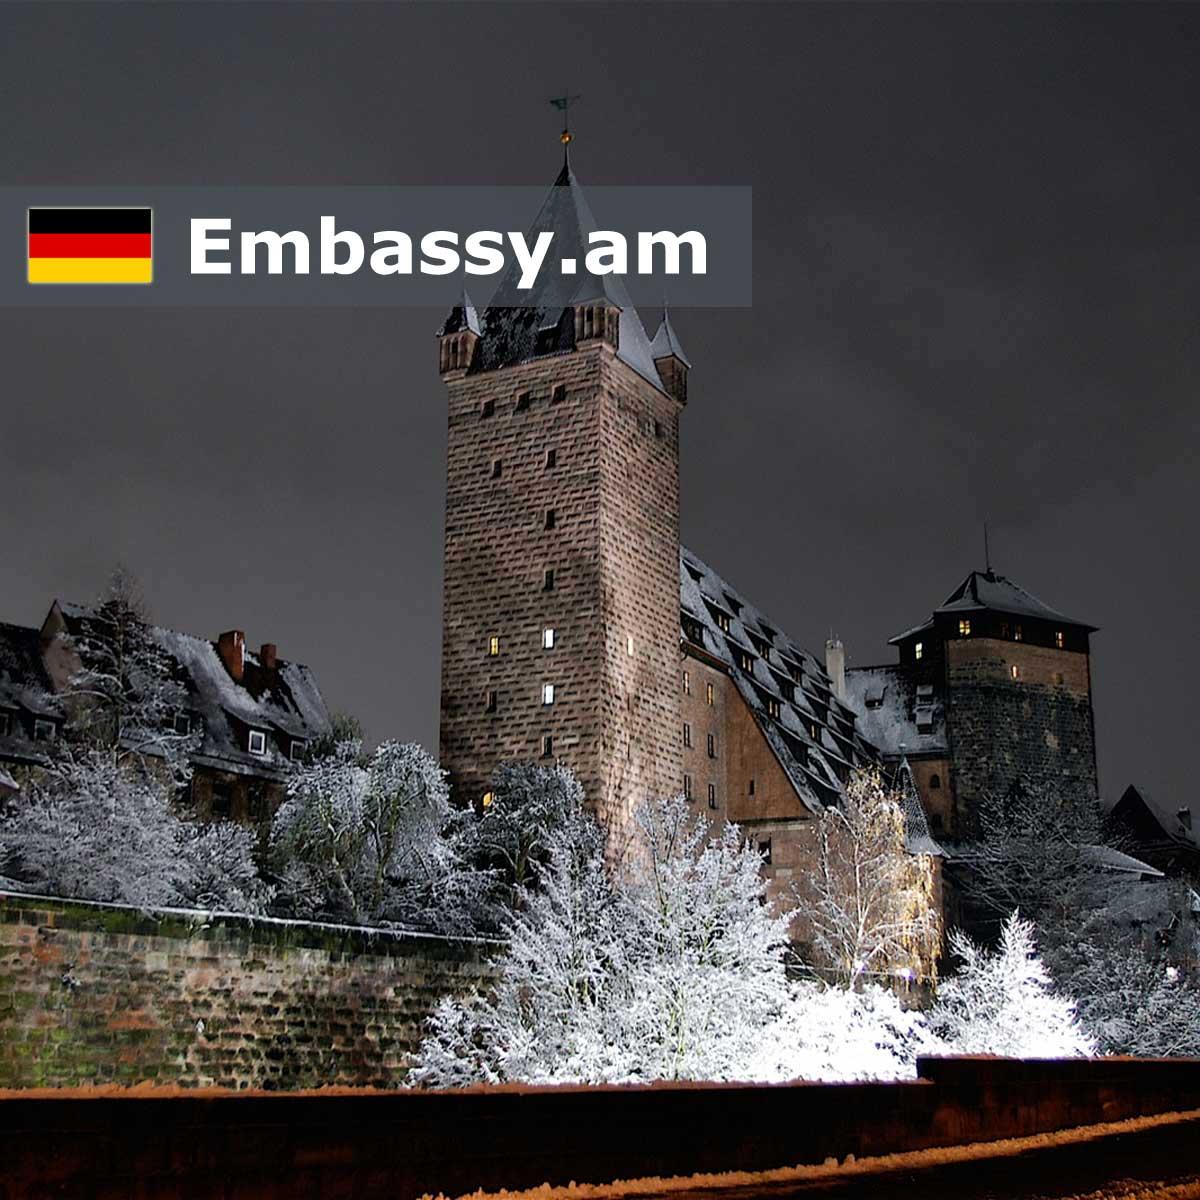 Нюрнберг - Отели в Германии - Embassy.am